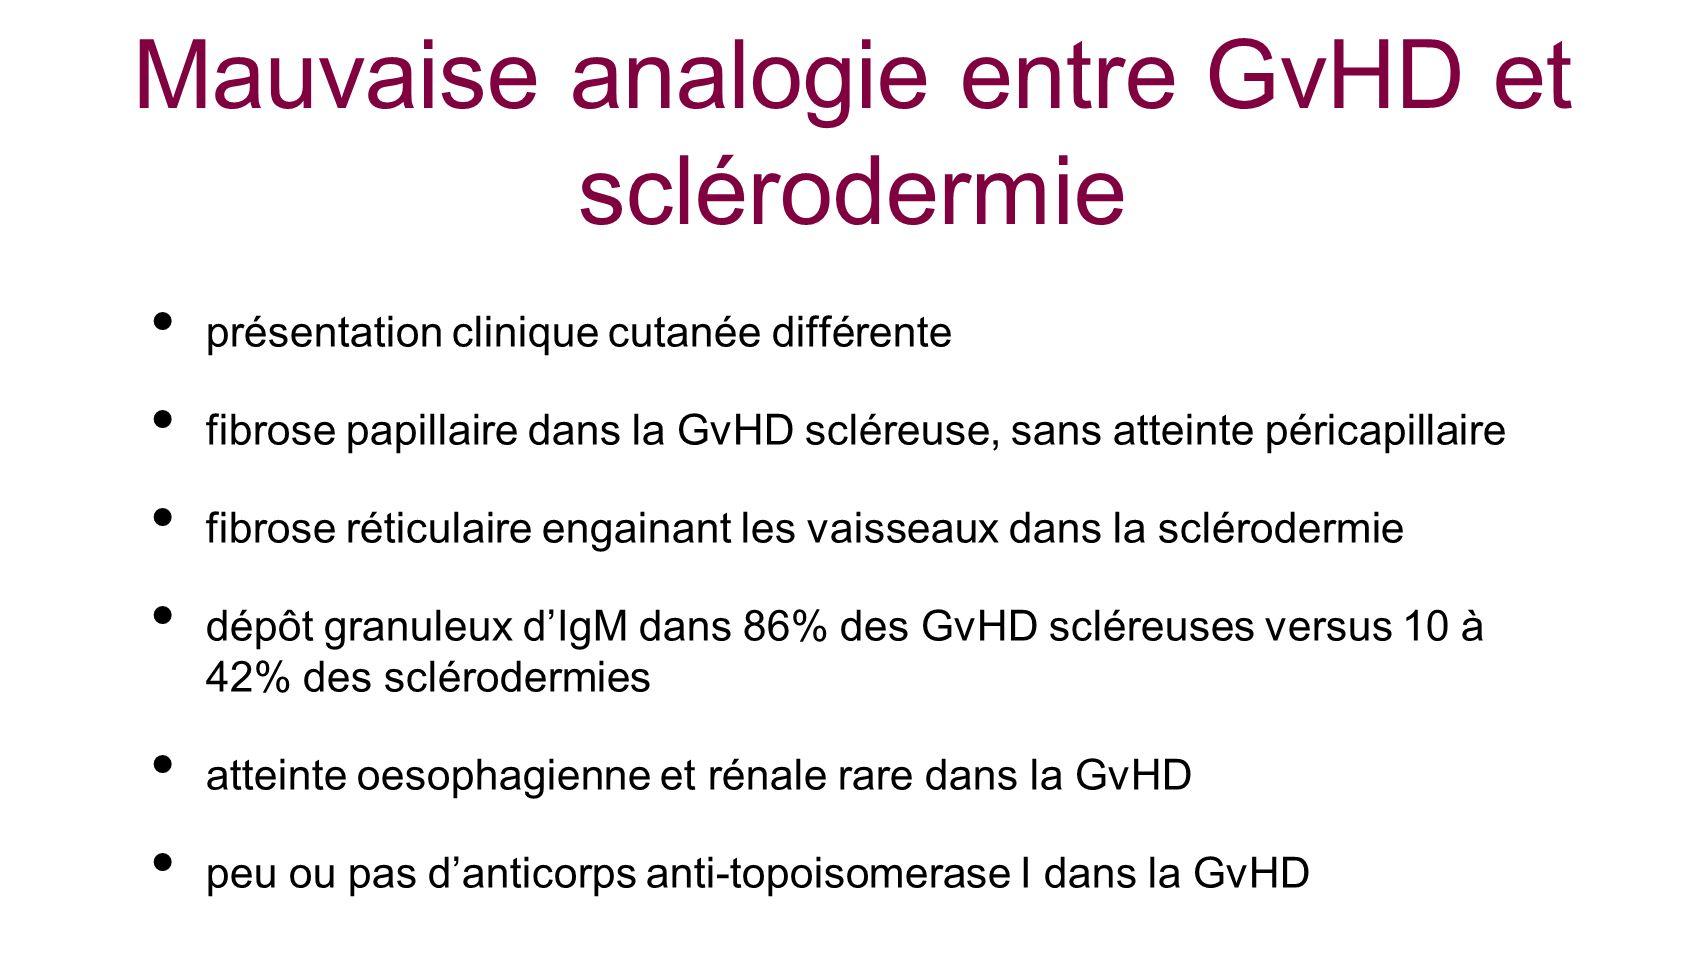 Mauvaise analogie entre GvHD et sclérodermie